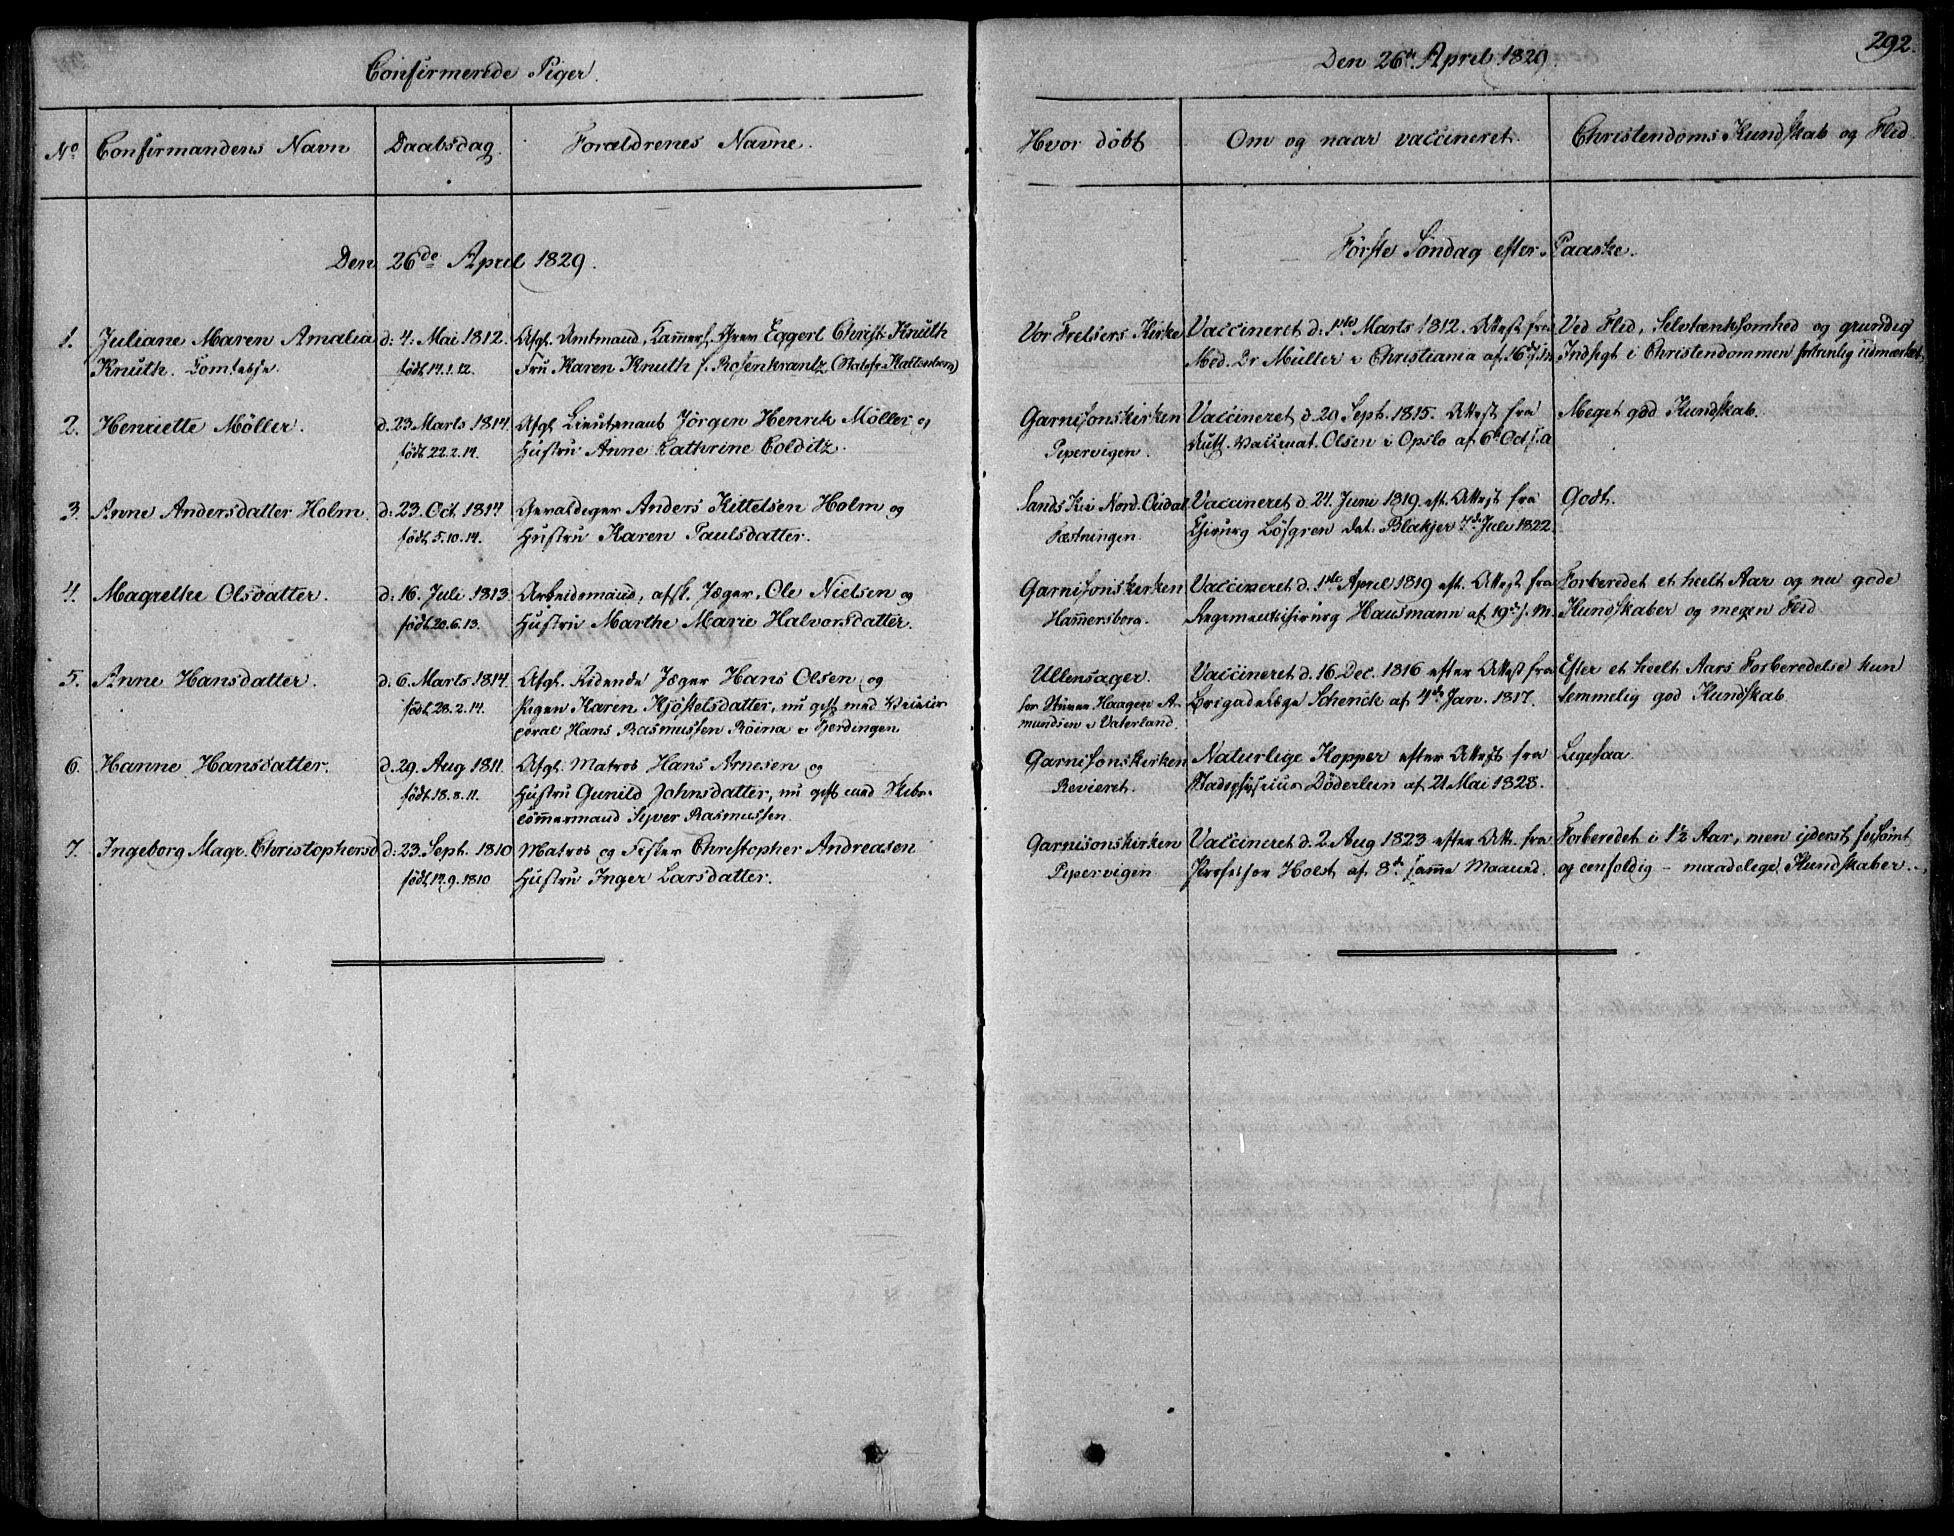 SAO, Garnisonsmenigheten Kirkebøker, F/Fa/L0006: Ministerialbok nr. 6, 1828-1841, s. 292